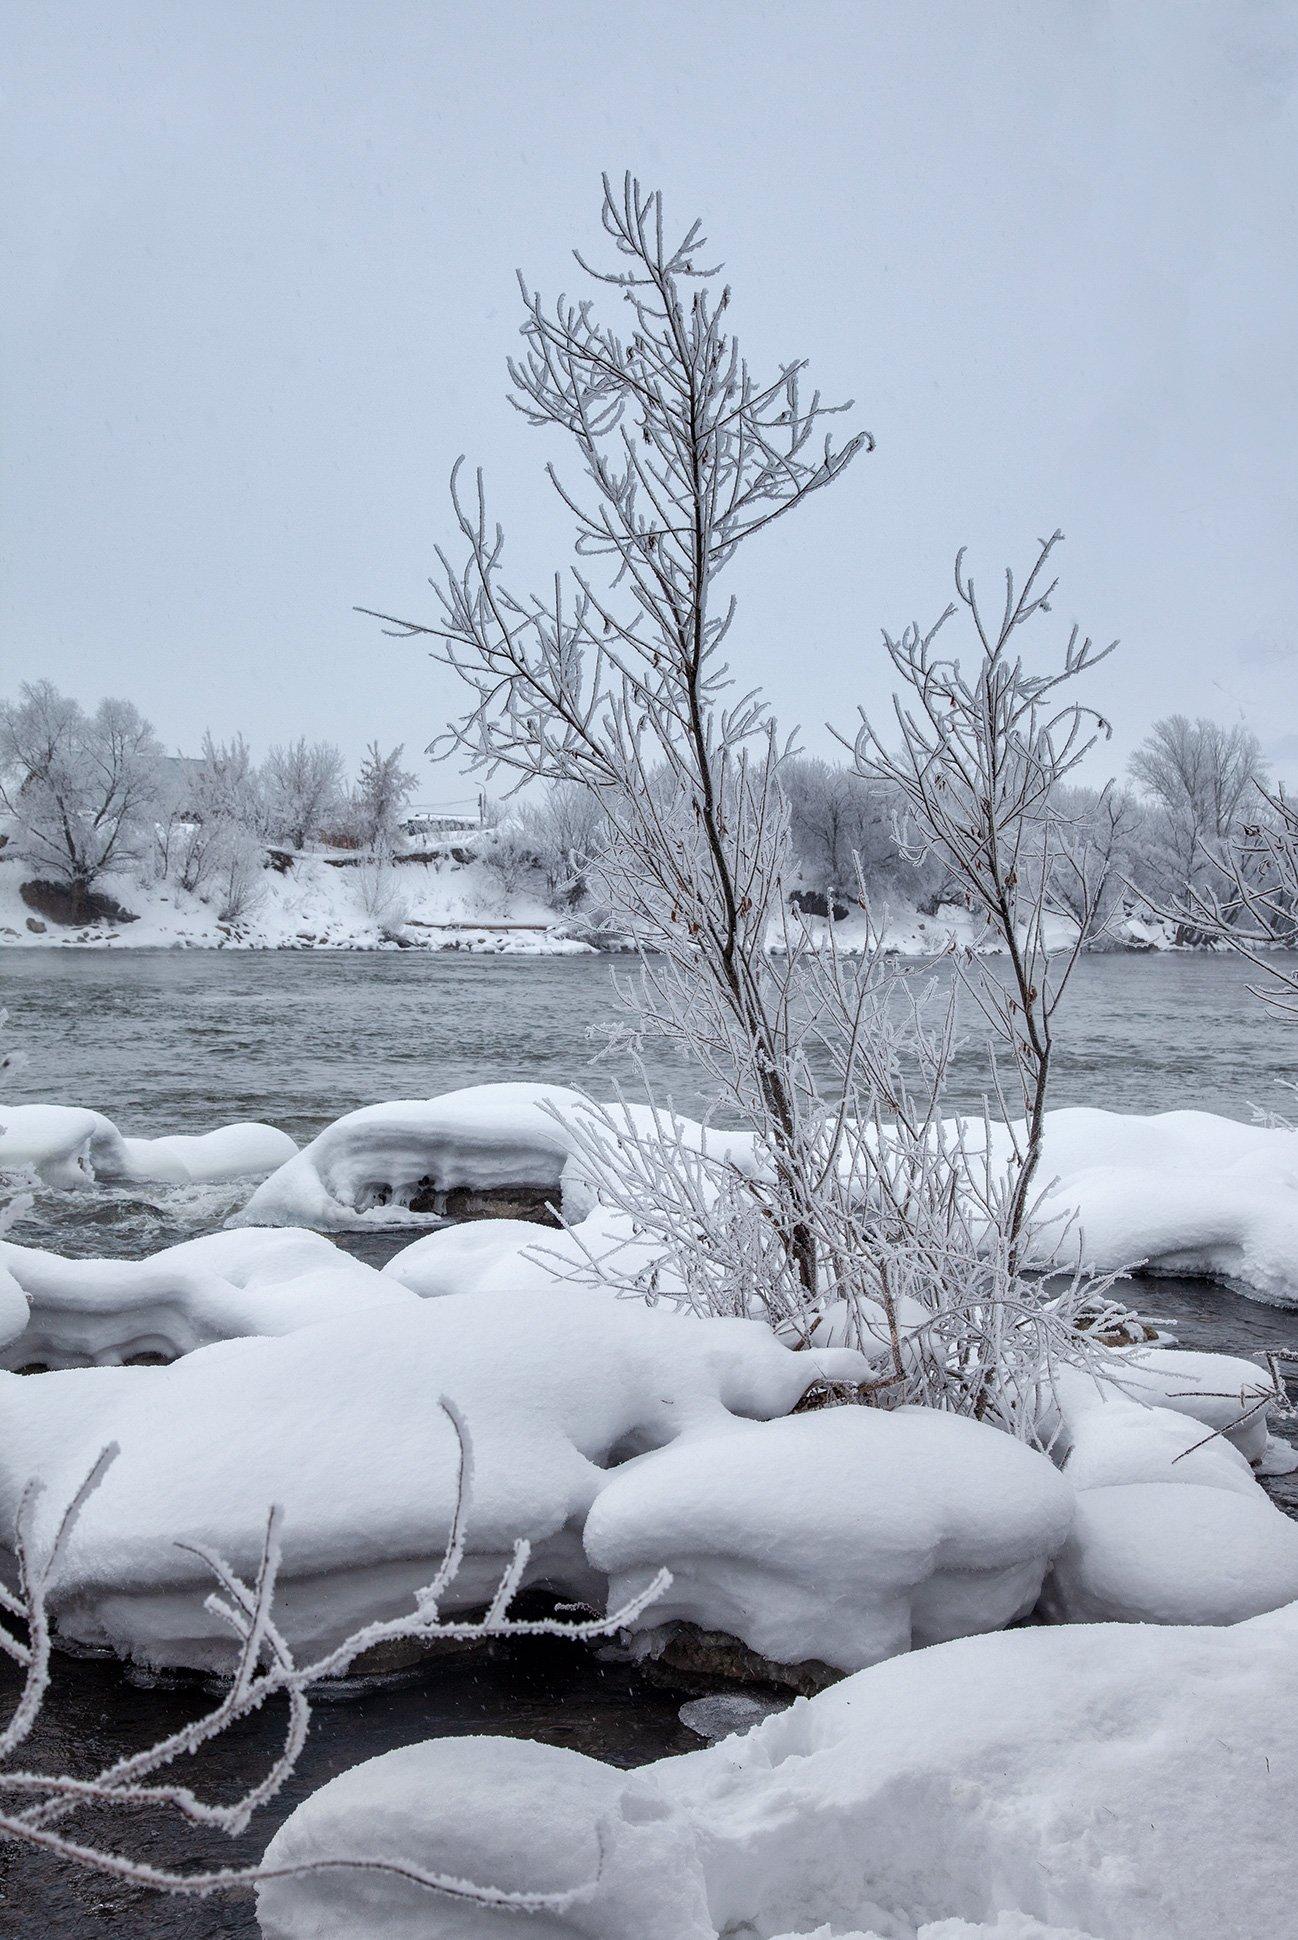 пейзаж,зима,дерево,иней снег,сугроб,река,мороз, Тамара Андреева